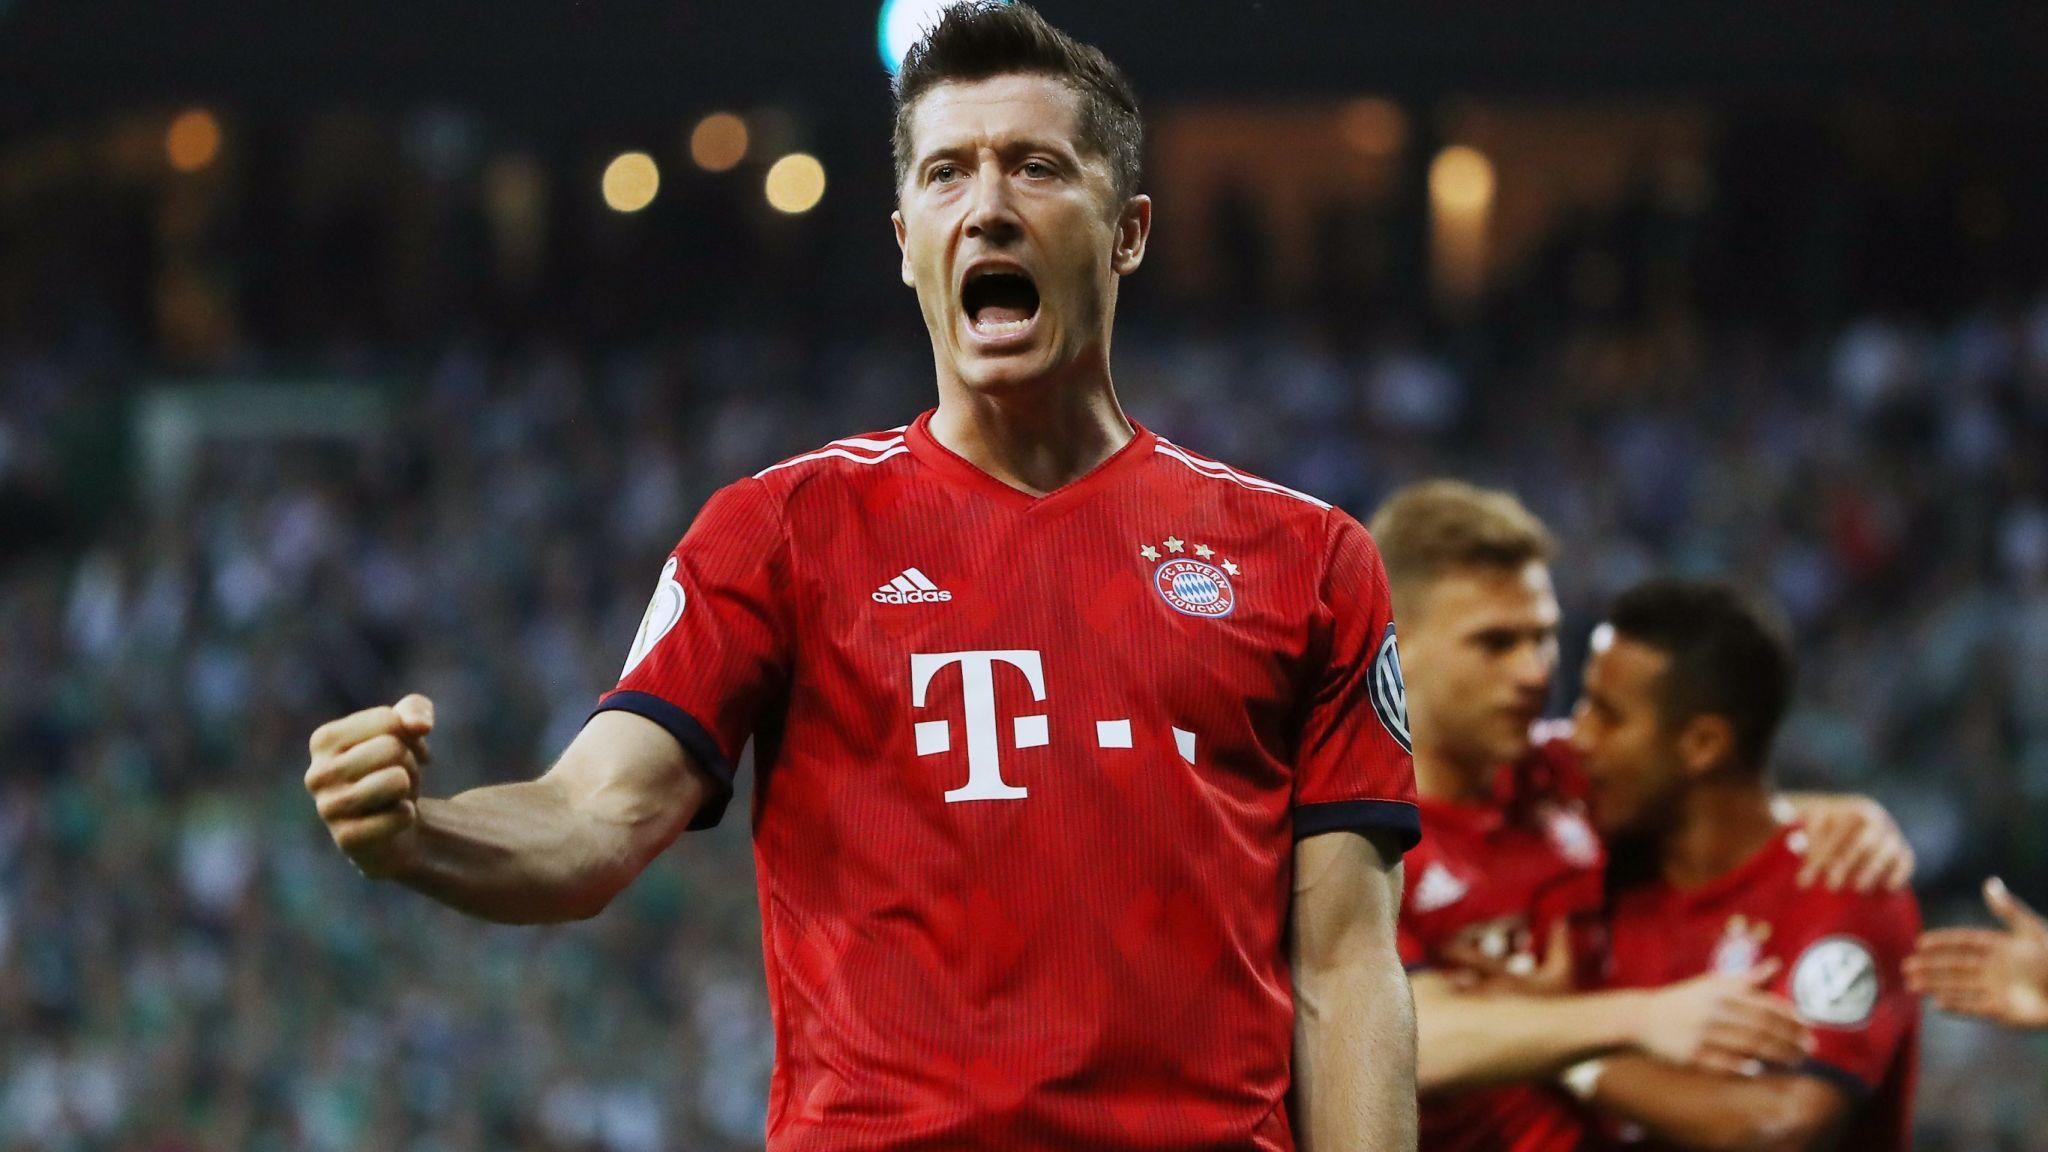 德天空:曼联和巴黎并未报价莱万,球员想留到2023年